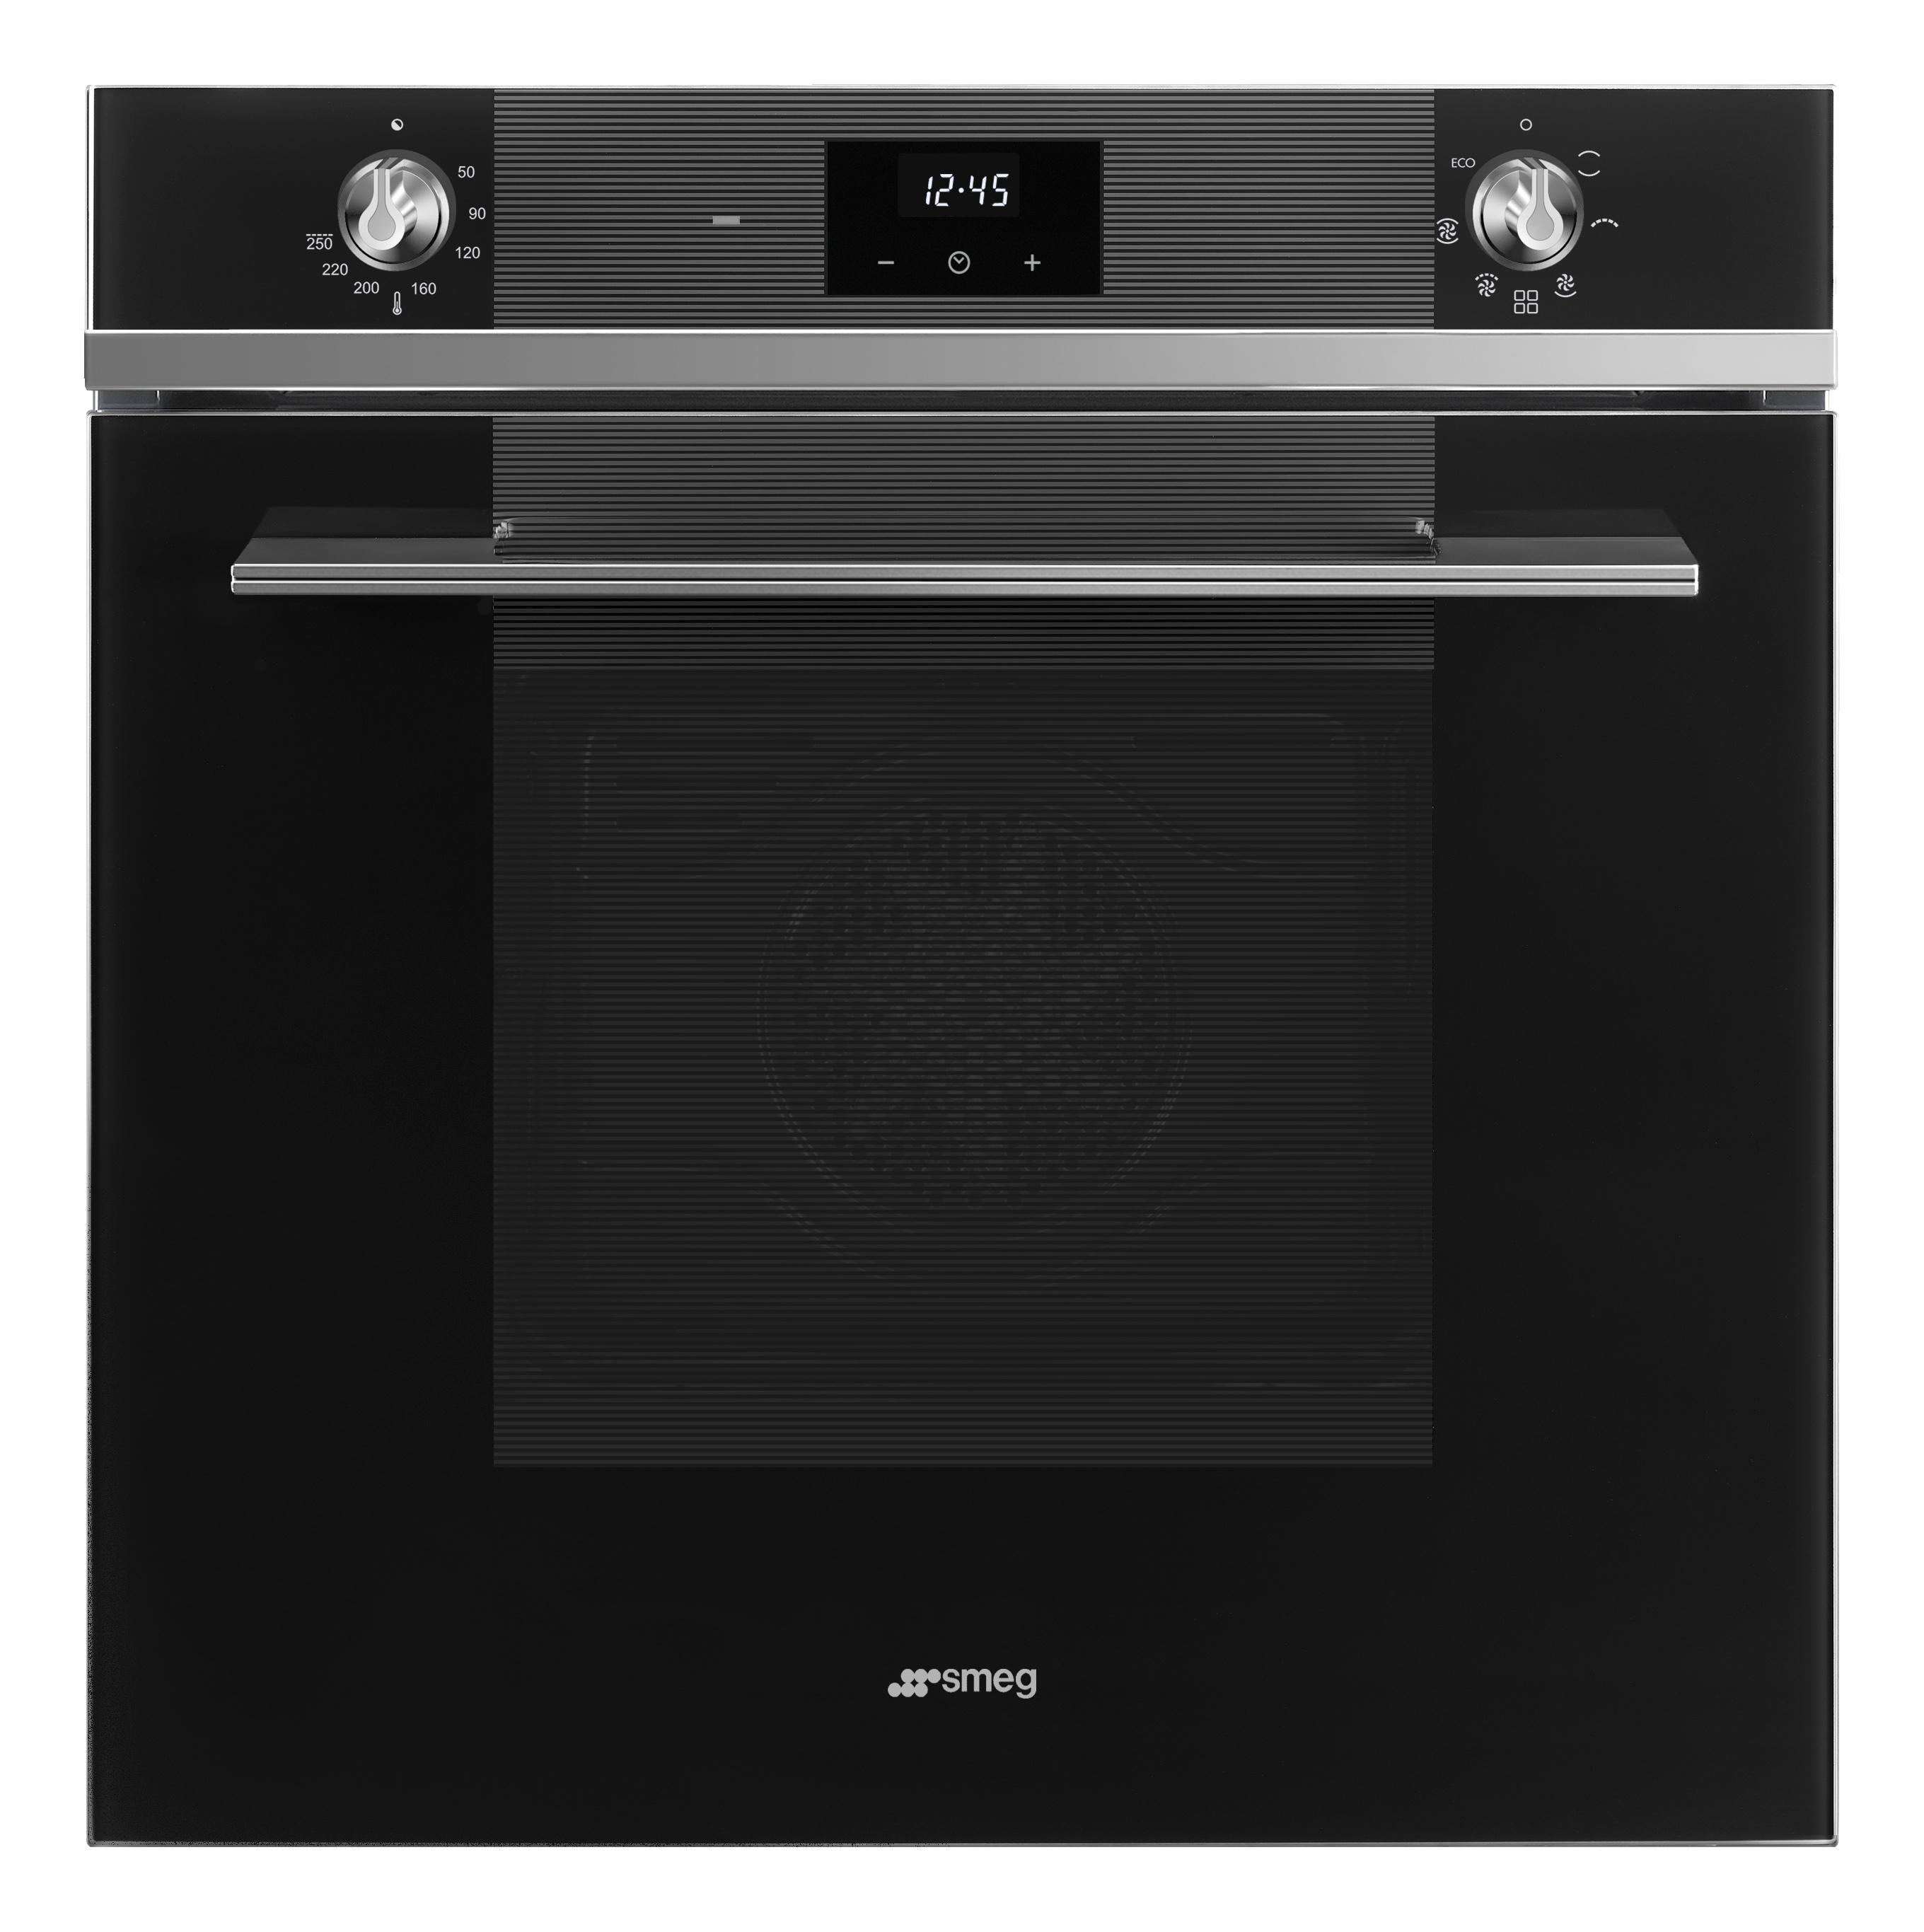 60 cm, Multifunctionele oven, 70 l, Vapor Clean, DIGIscreen display, Chroom handgreep en knopjes